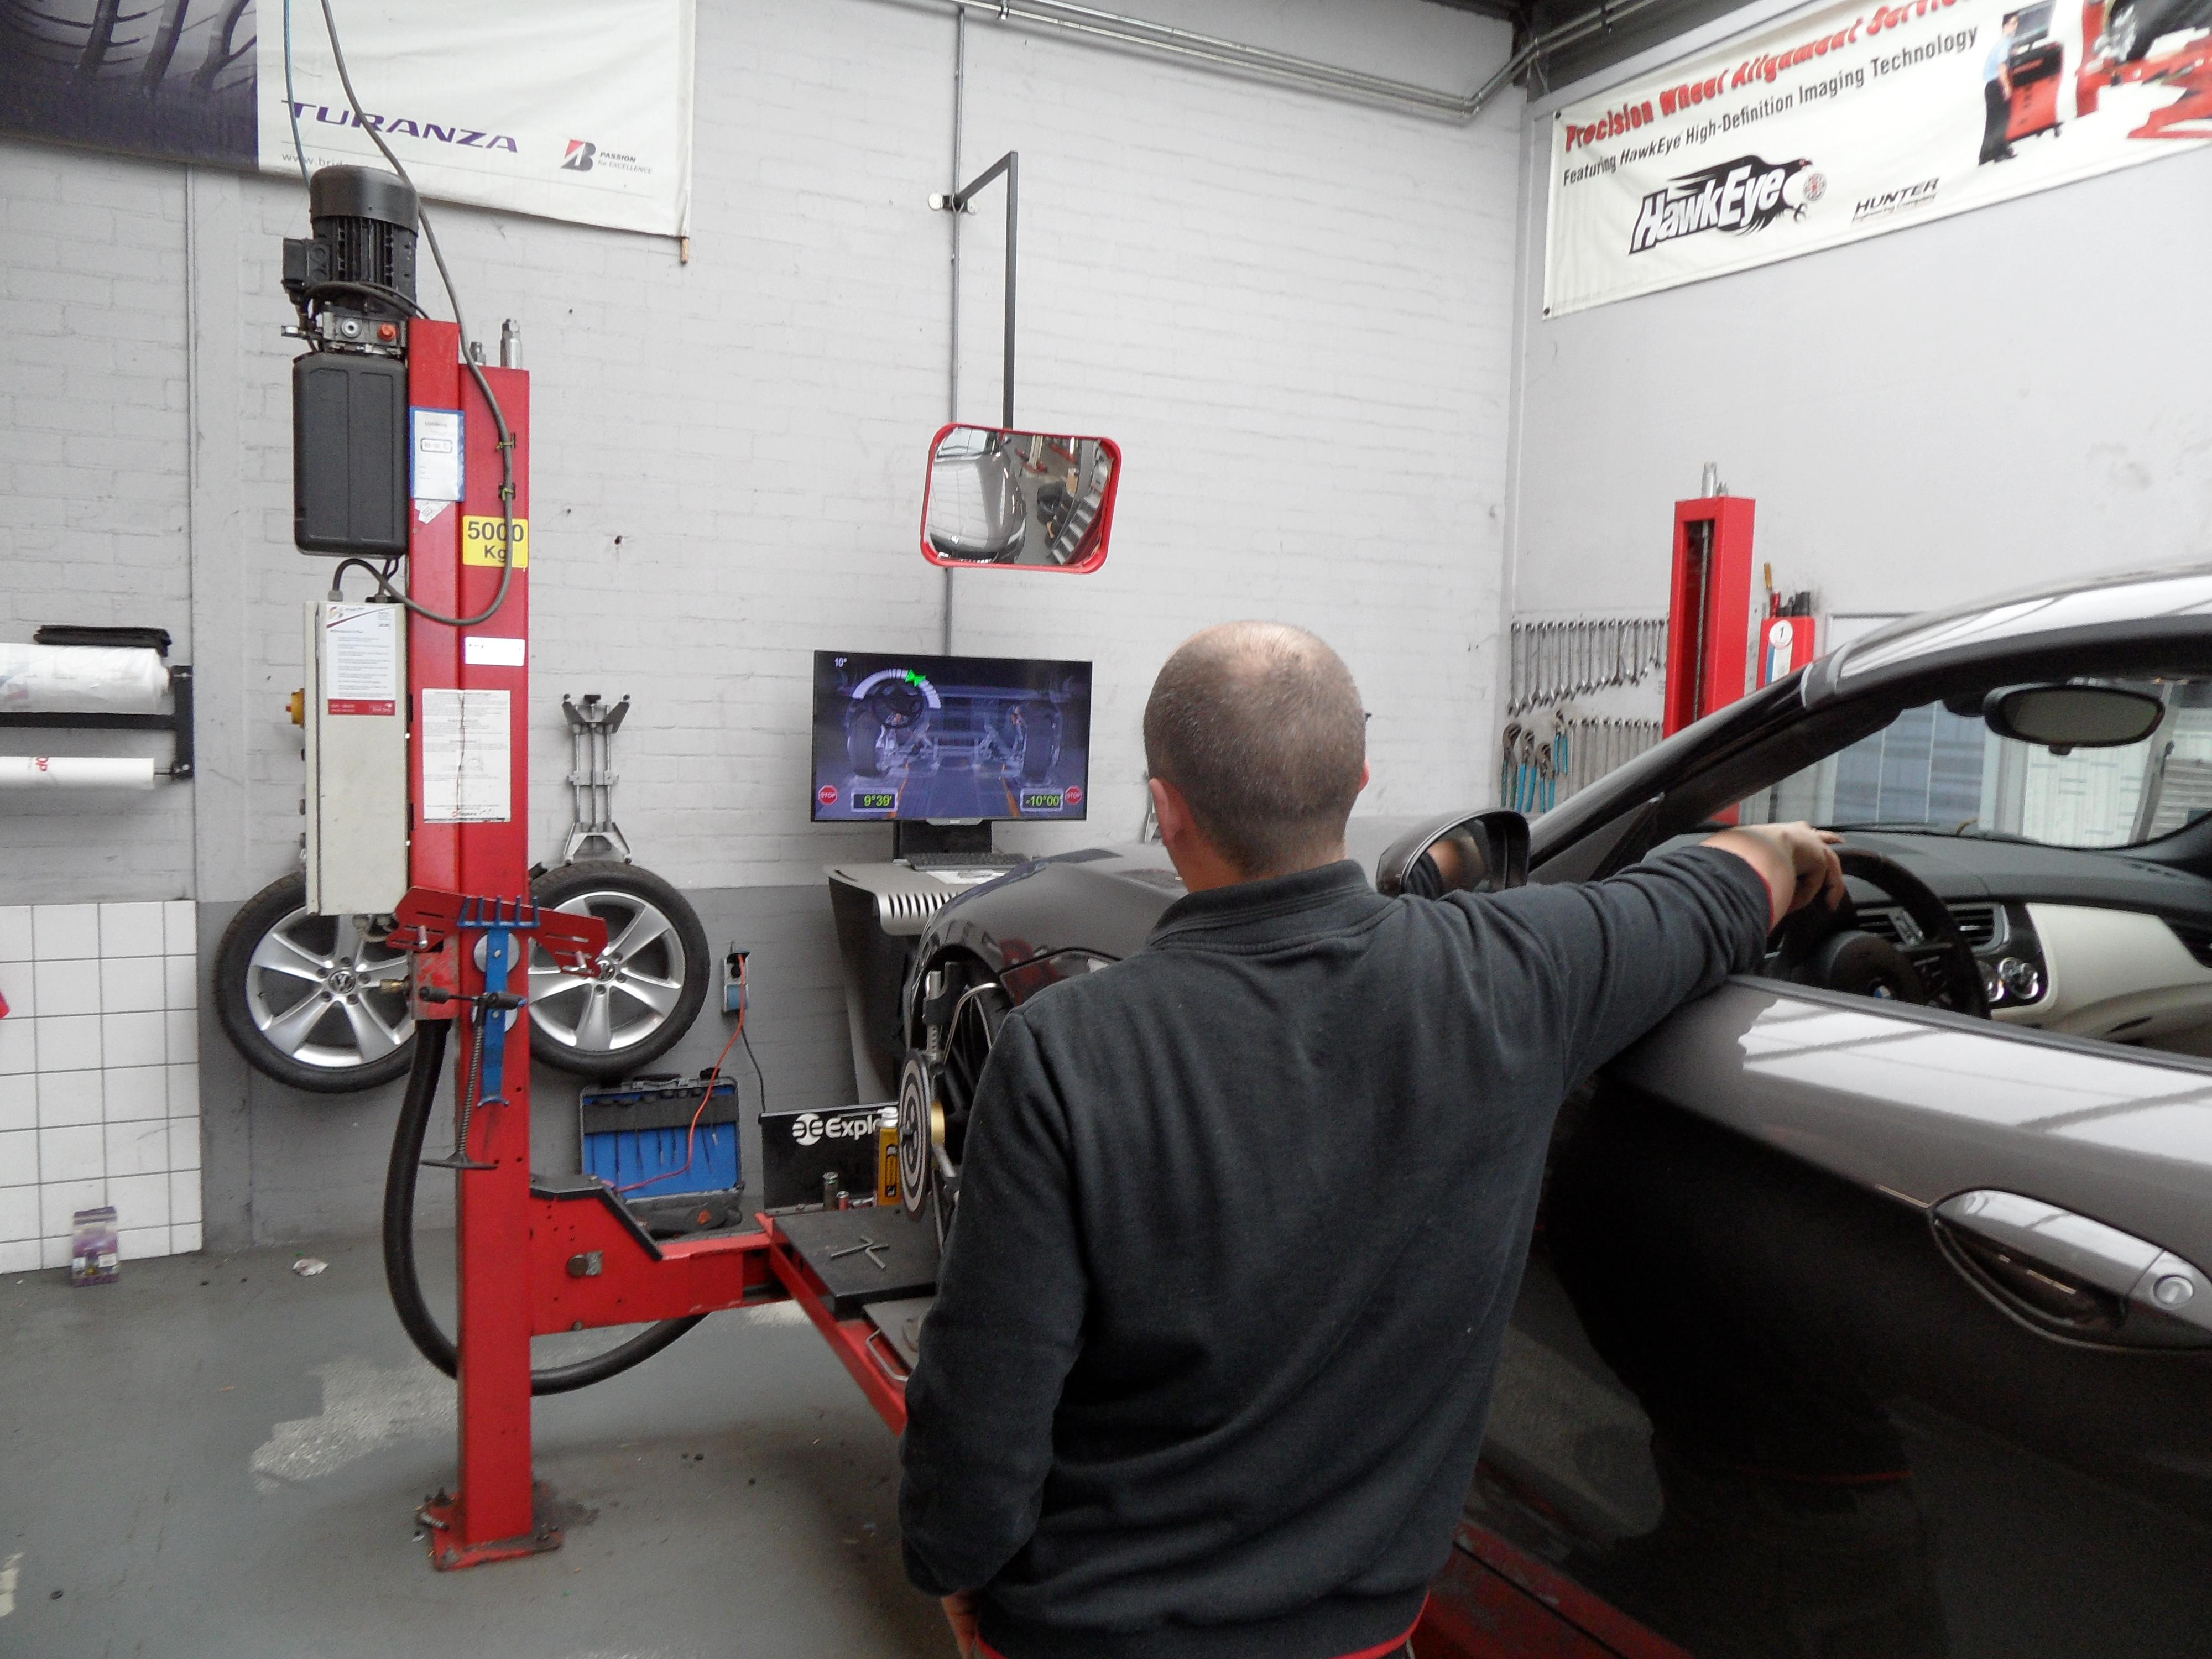 Roland plaatst de blokkering voor het rempedaal en voert de castercontrole uit. Op het beeldscherm ziet hij in welke richting en hoever hij het stuurwiel moet verdraaien. Hierna blokkeert hij het stuurwiel.